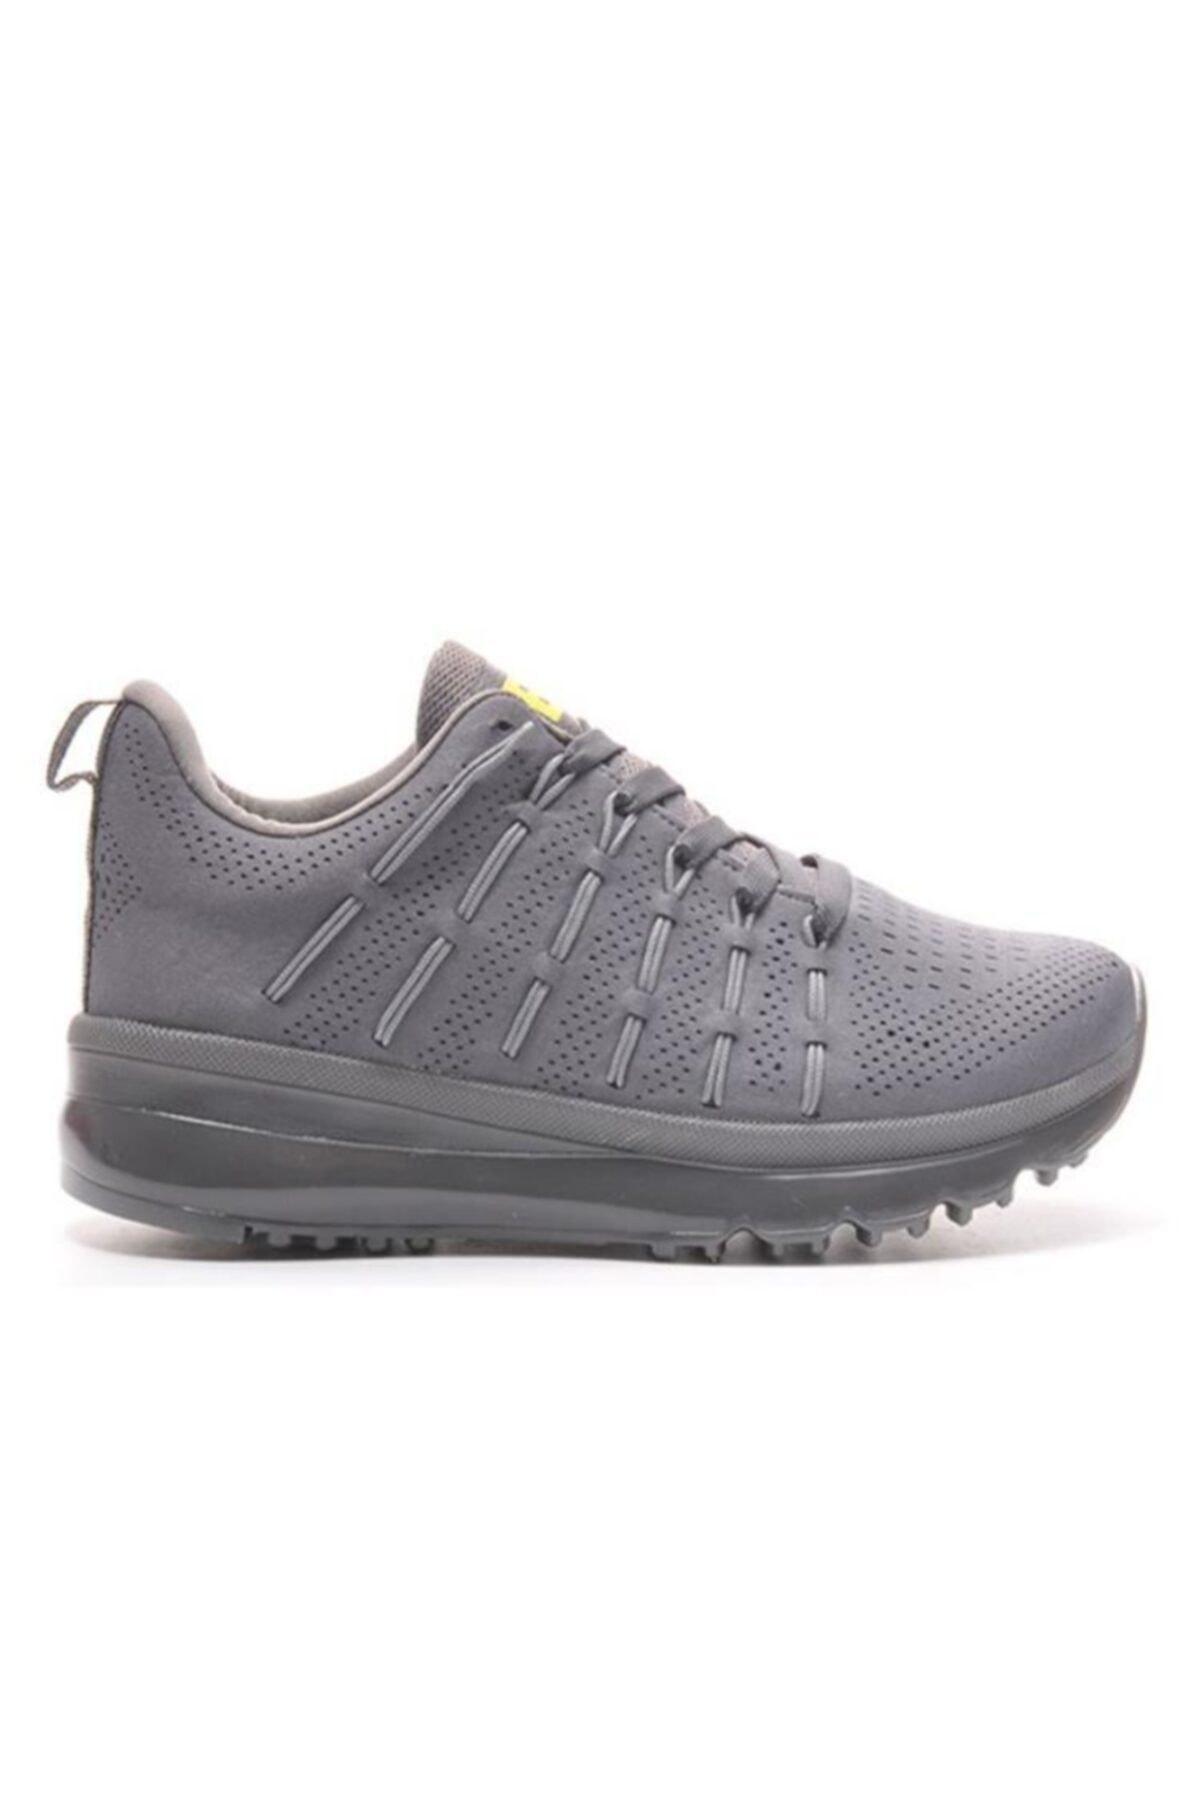 Unisex Sneaker Spor Ayakkabı 211903